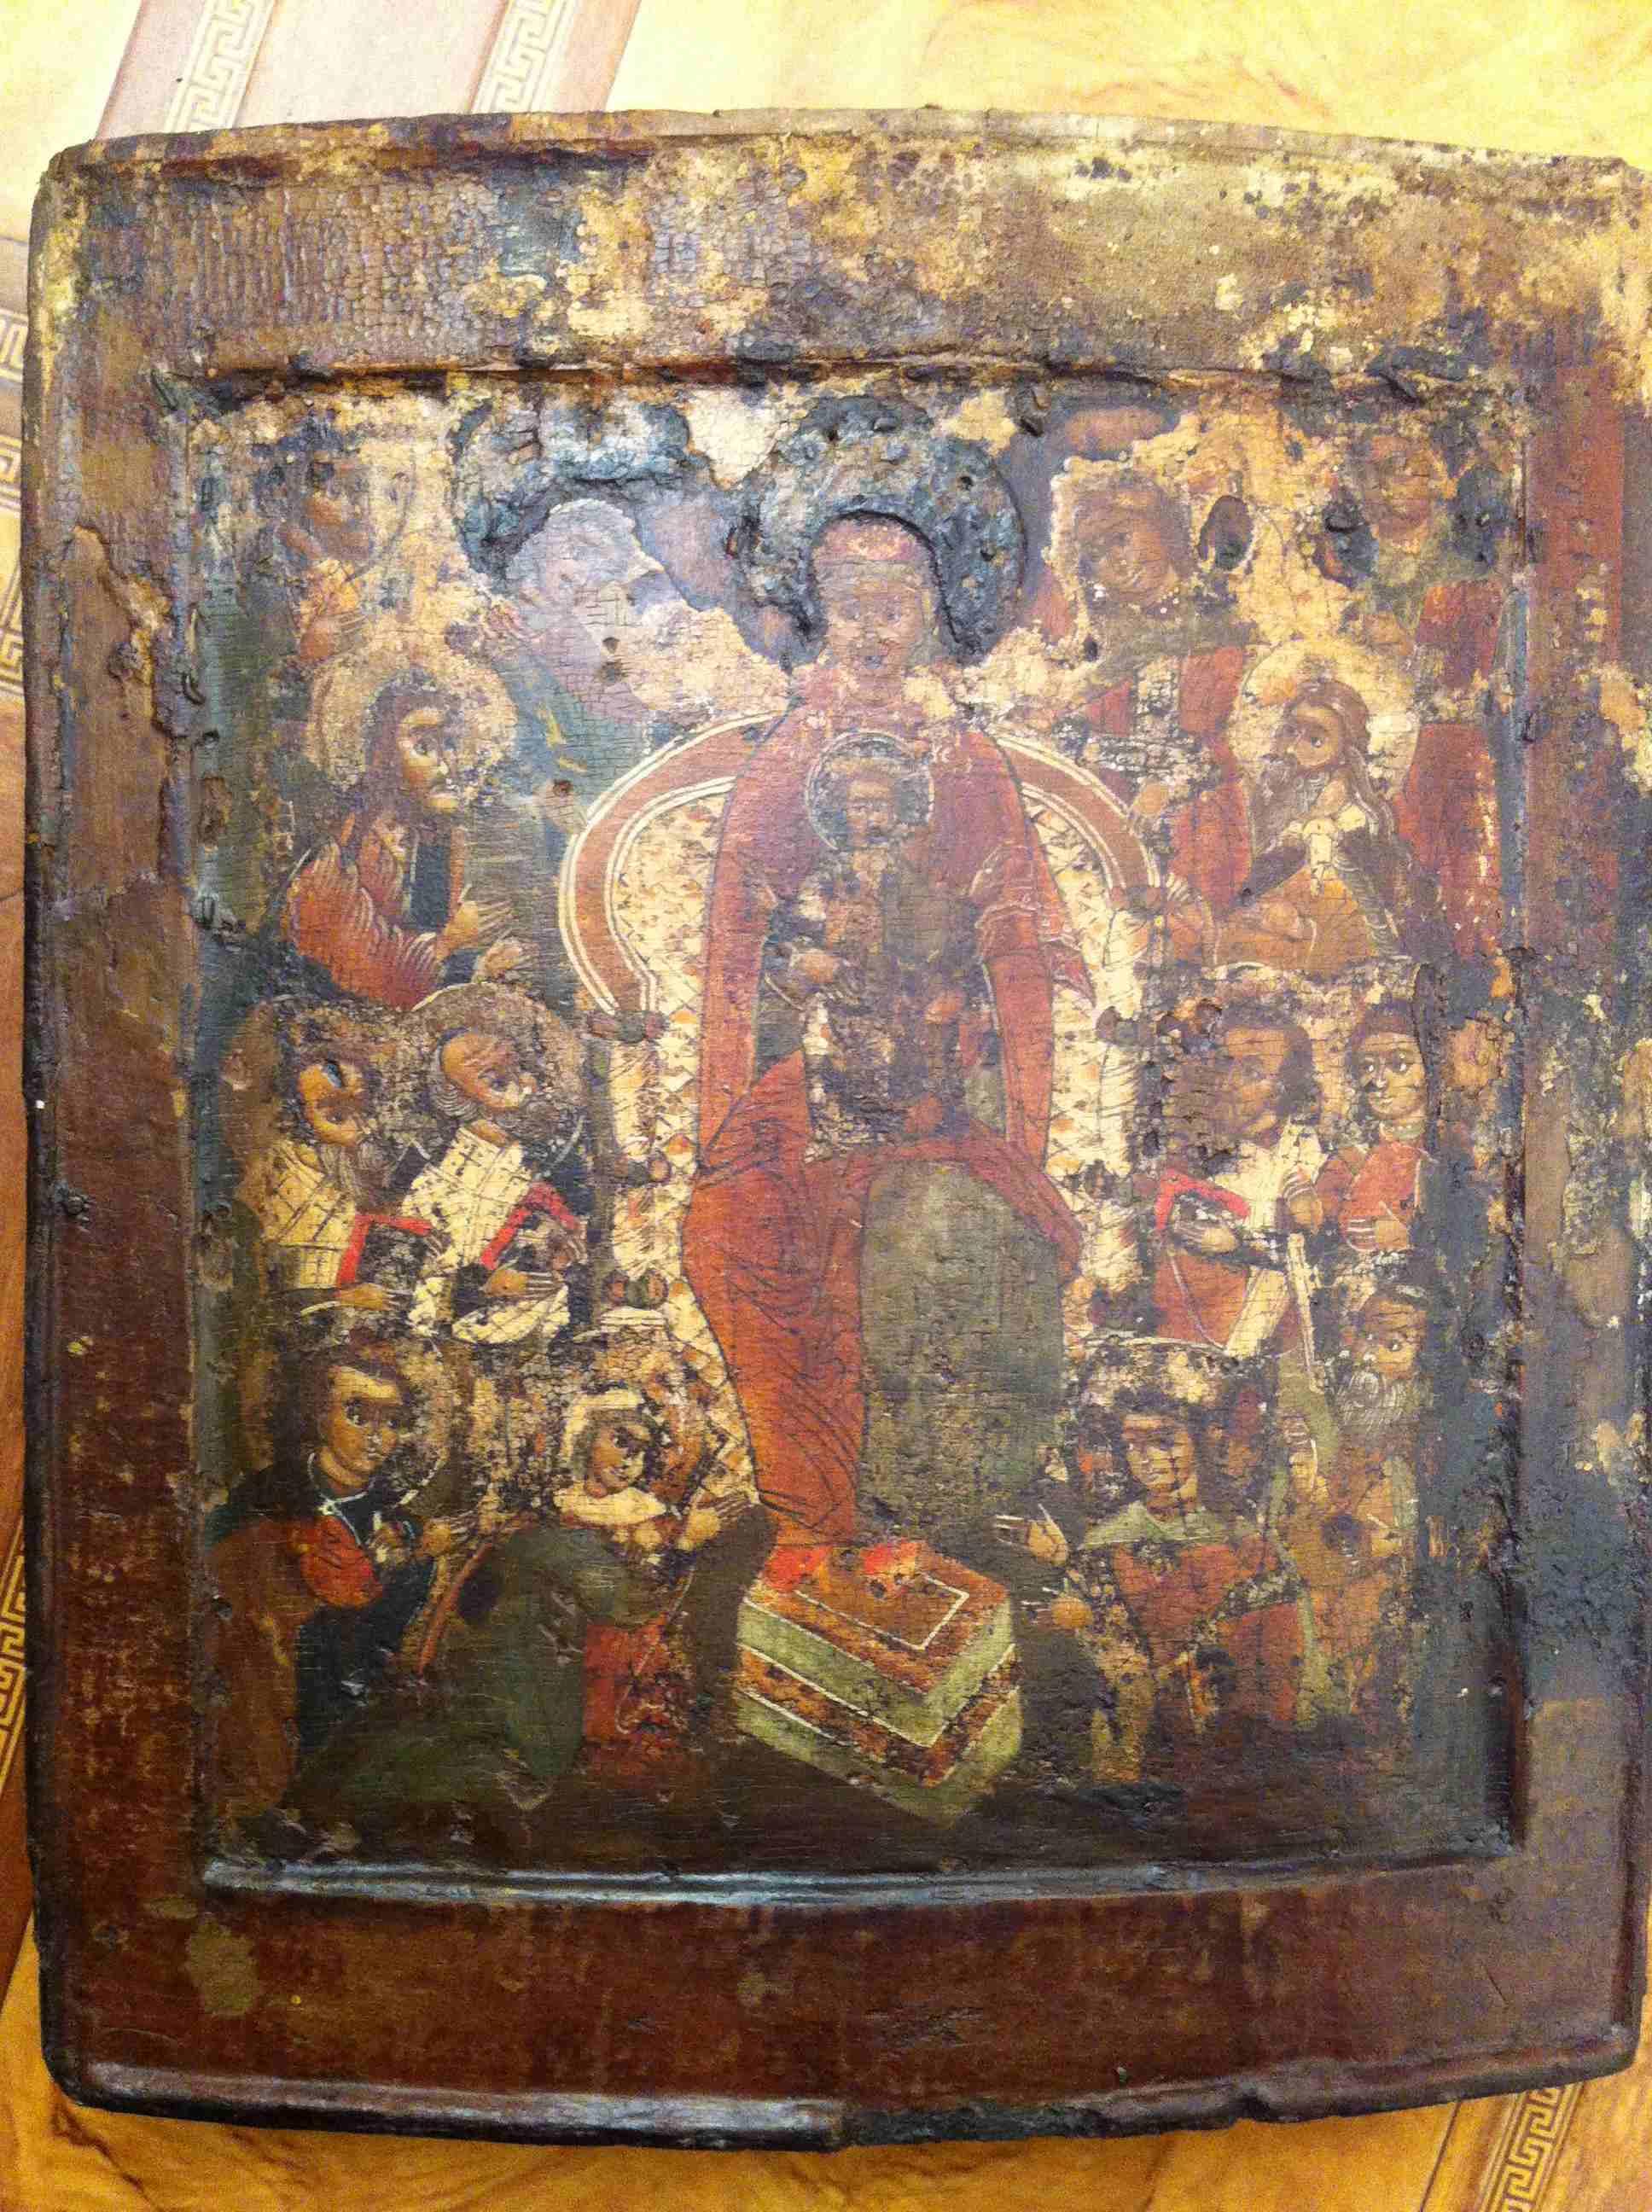 макияжа голубых коллекция старинных икон фото способствовал